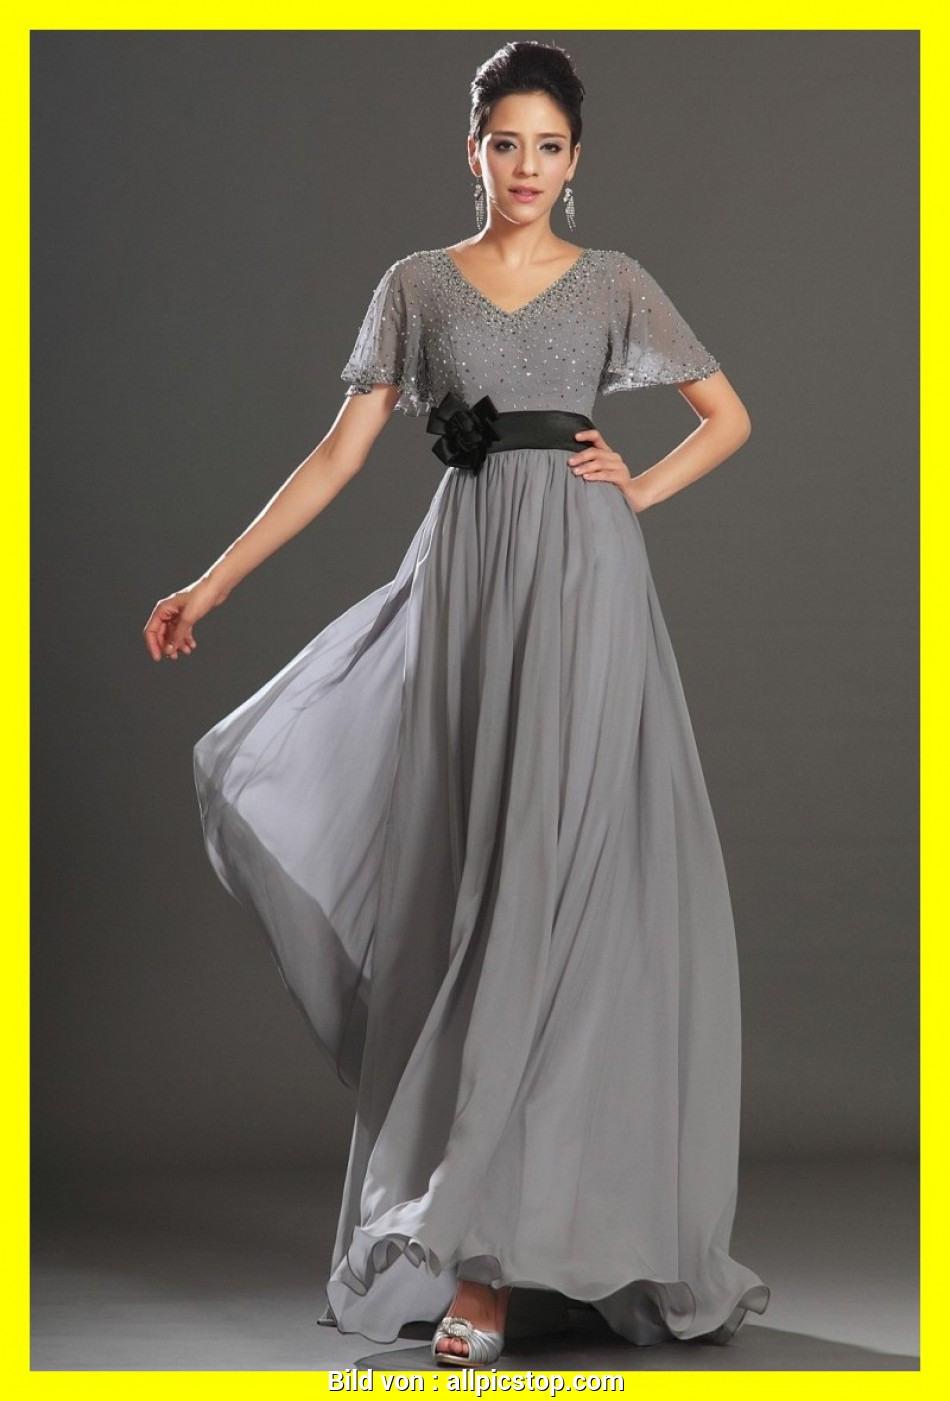 Designer Schön Abendkleider C U A für 201910 Genial Abendkleider C U A Spezialgebiet